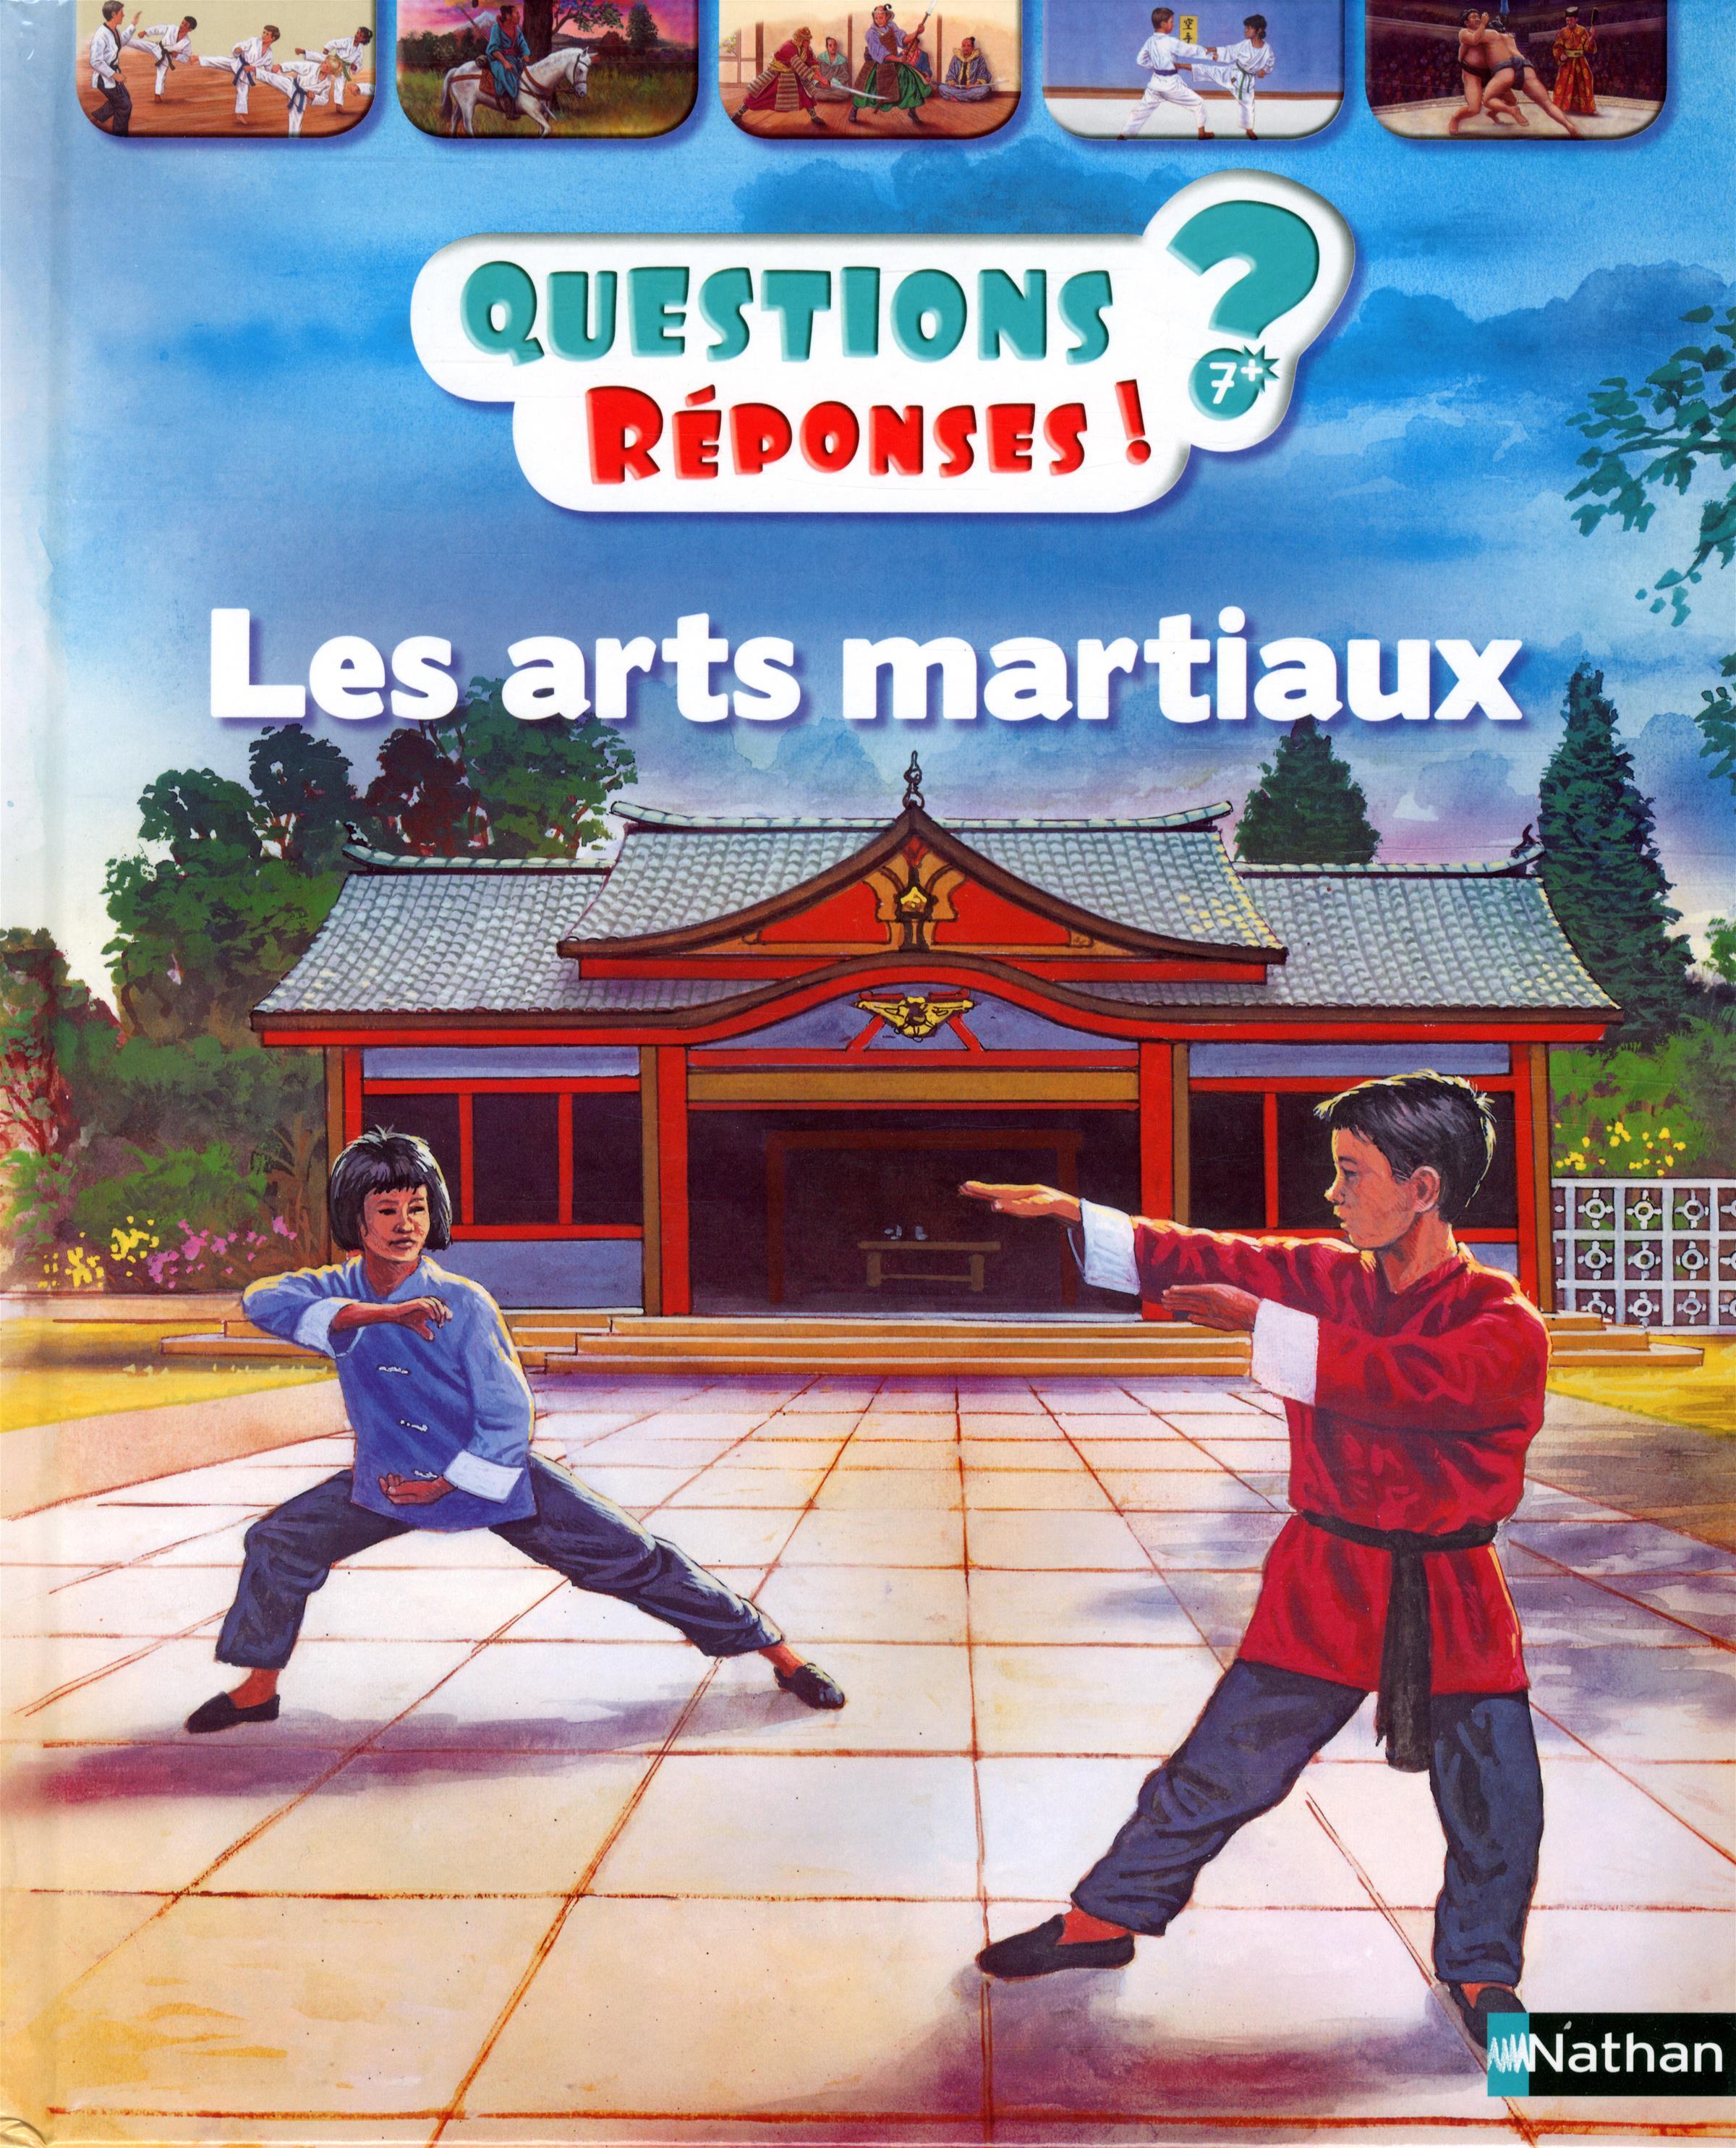 Arts martiaux les par lauren robertson roger stewart for Arts martiaux pdf